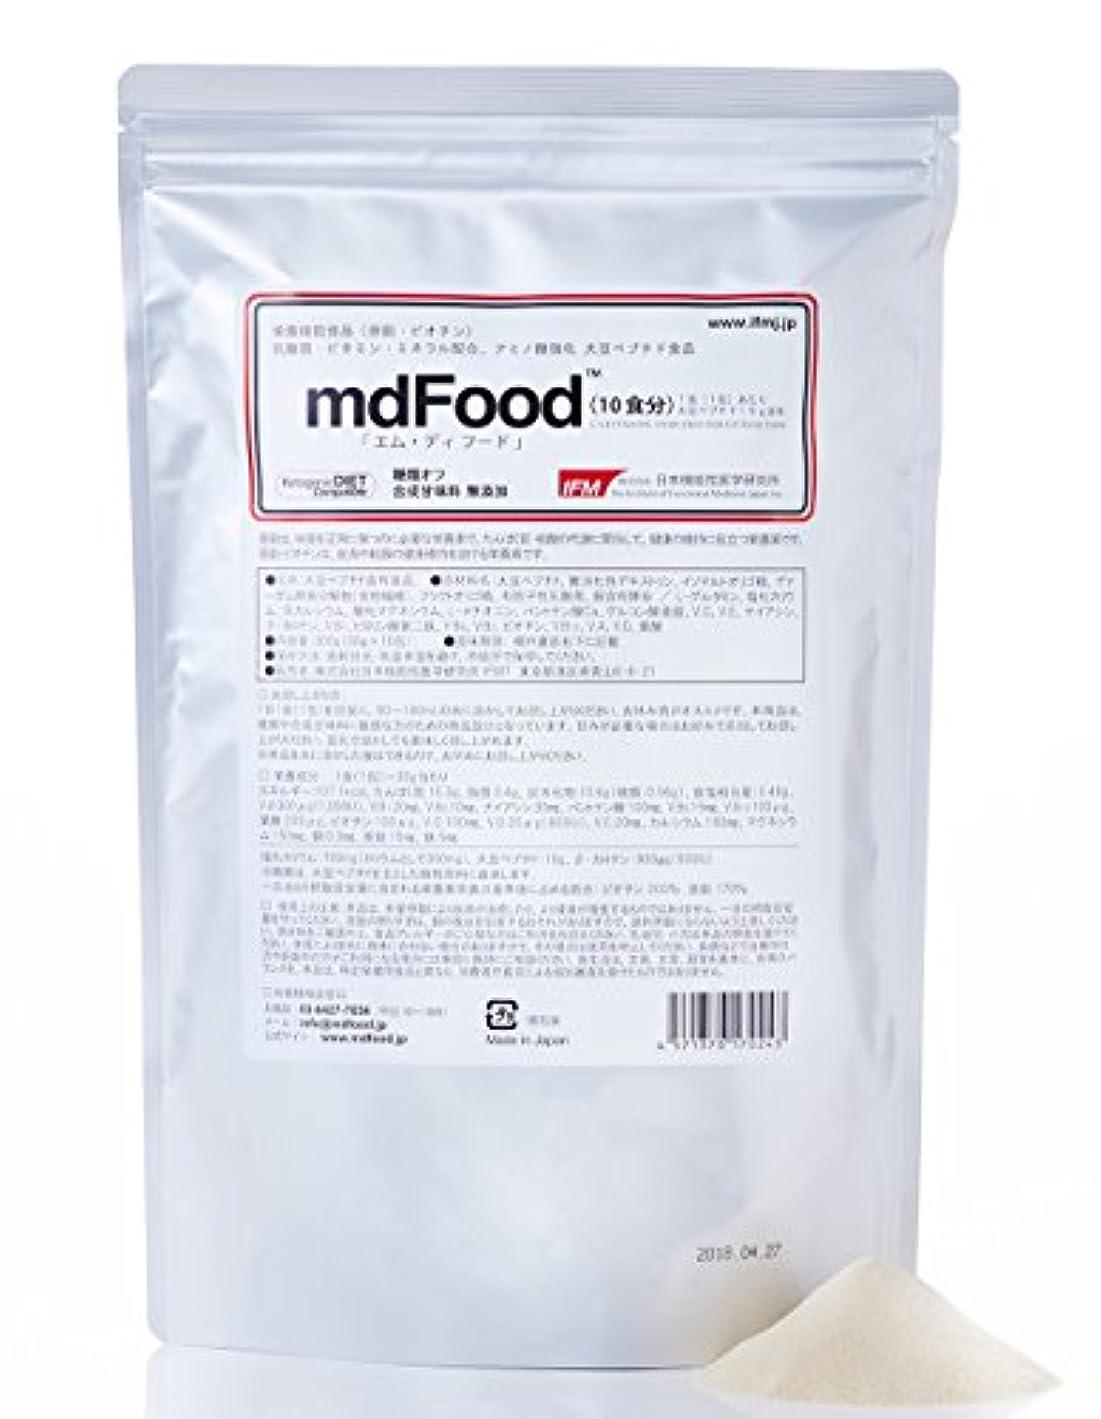 エンターテインメントむちゃくちゃそれら日本機能性医学研究所 mdFood 「エムディ?フード」10食分